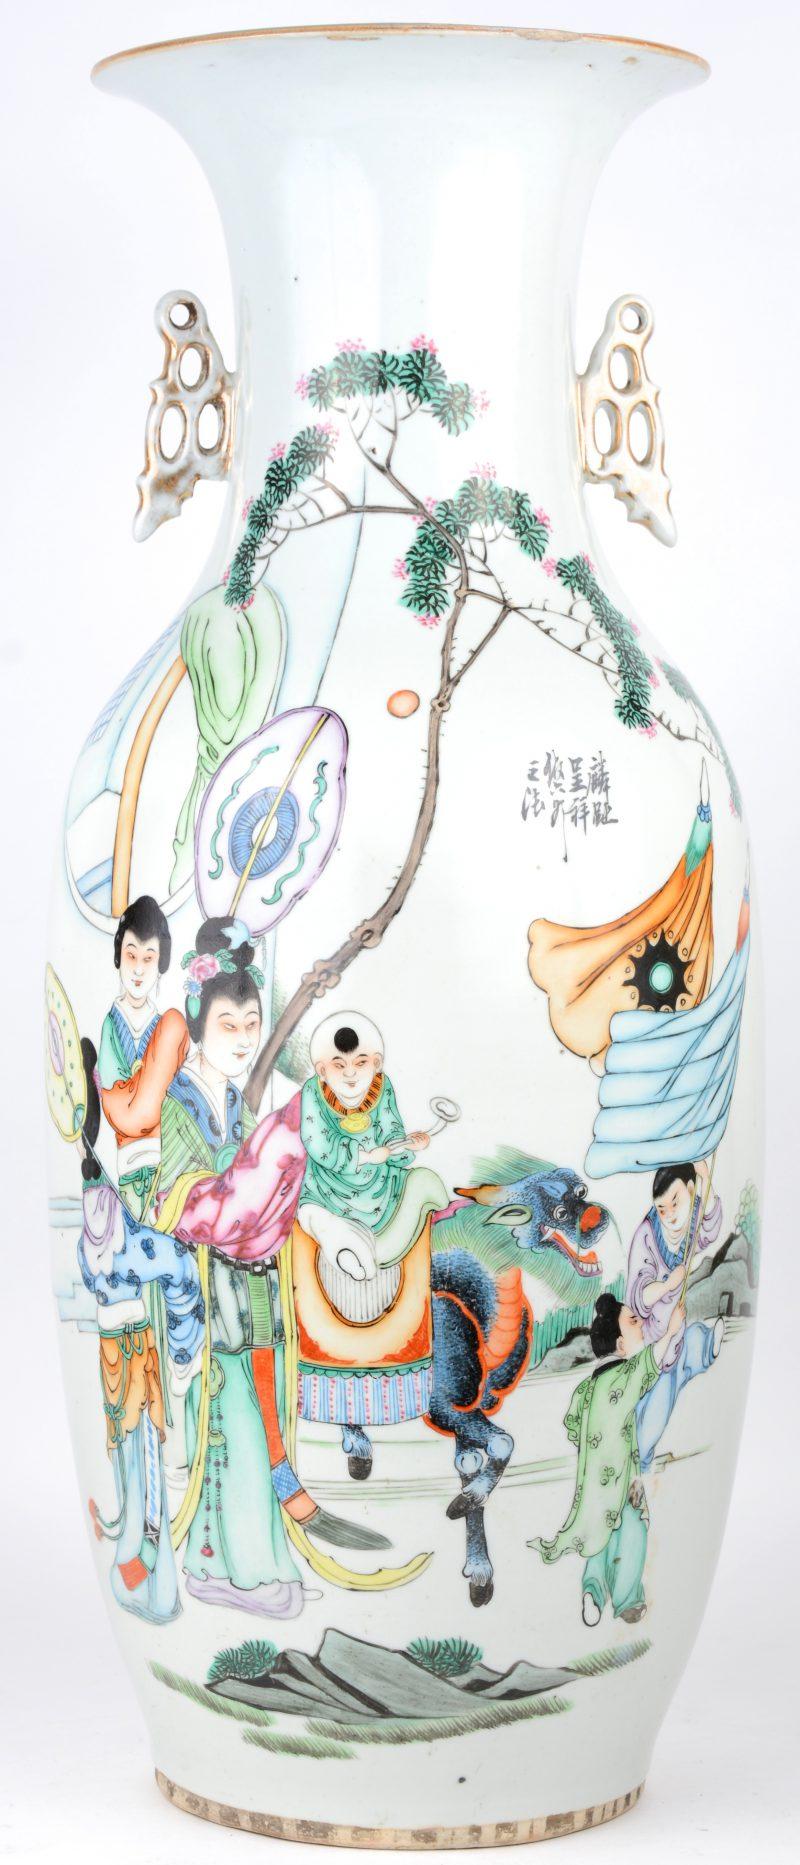 Een balustervaas van Chinees porselein met een meerkleurig decor van personages met een fabeldier in een parade. XXe eeuw.